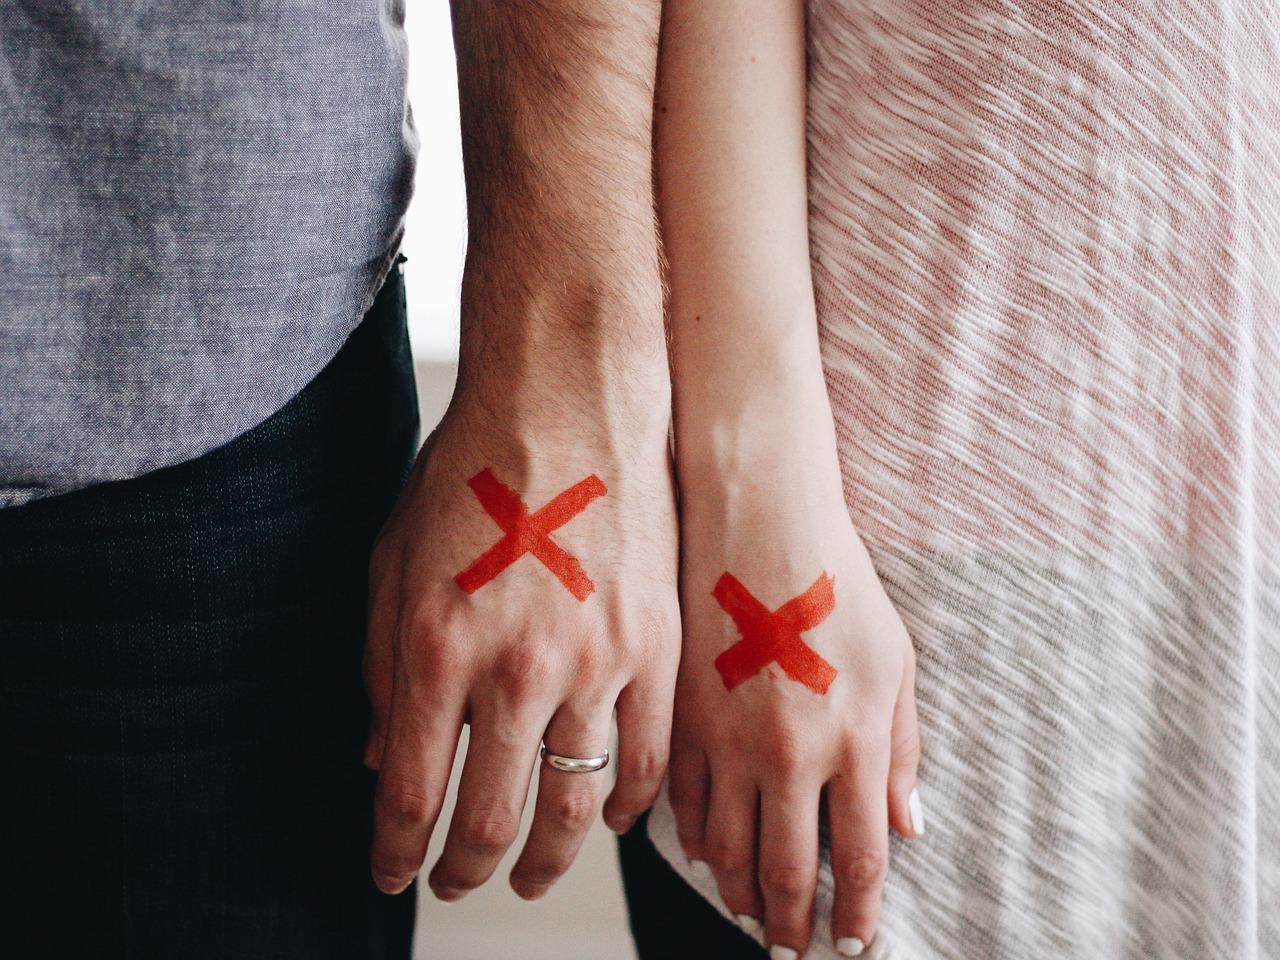 Τα ραντεβού μετά τα χαρτιά του διαζυγίου υπογράφονται